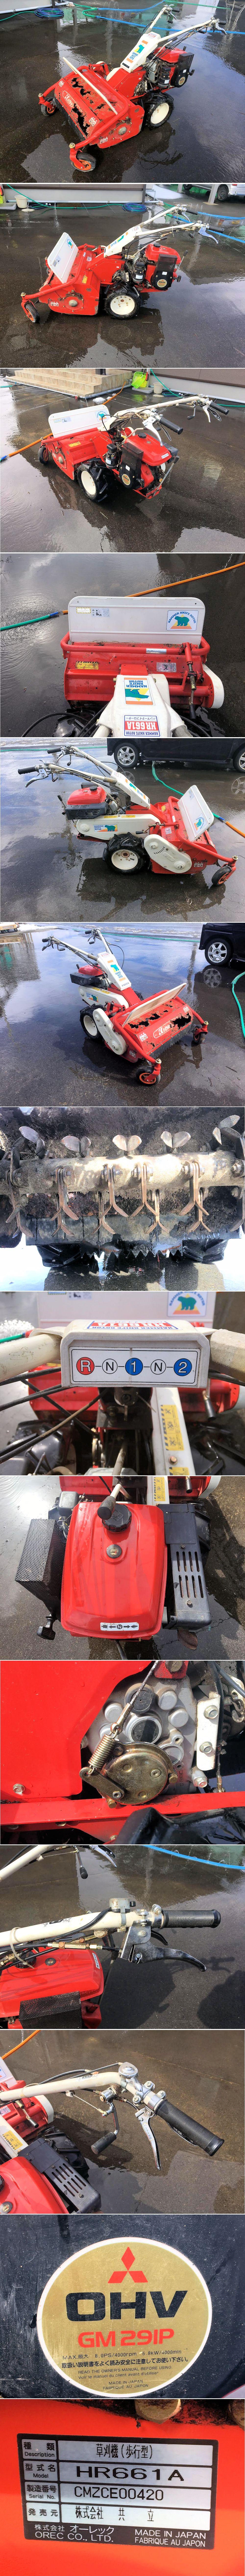 共立 キョウリツ ハンマーナイフモアー (ローター) 草刈機 HR661A 8馬力 バック付 ハンドル回動式 美品 中古